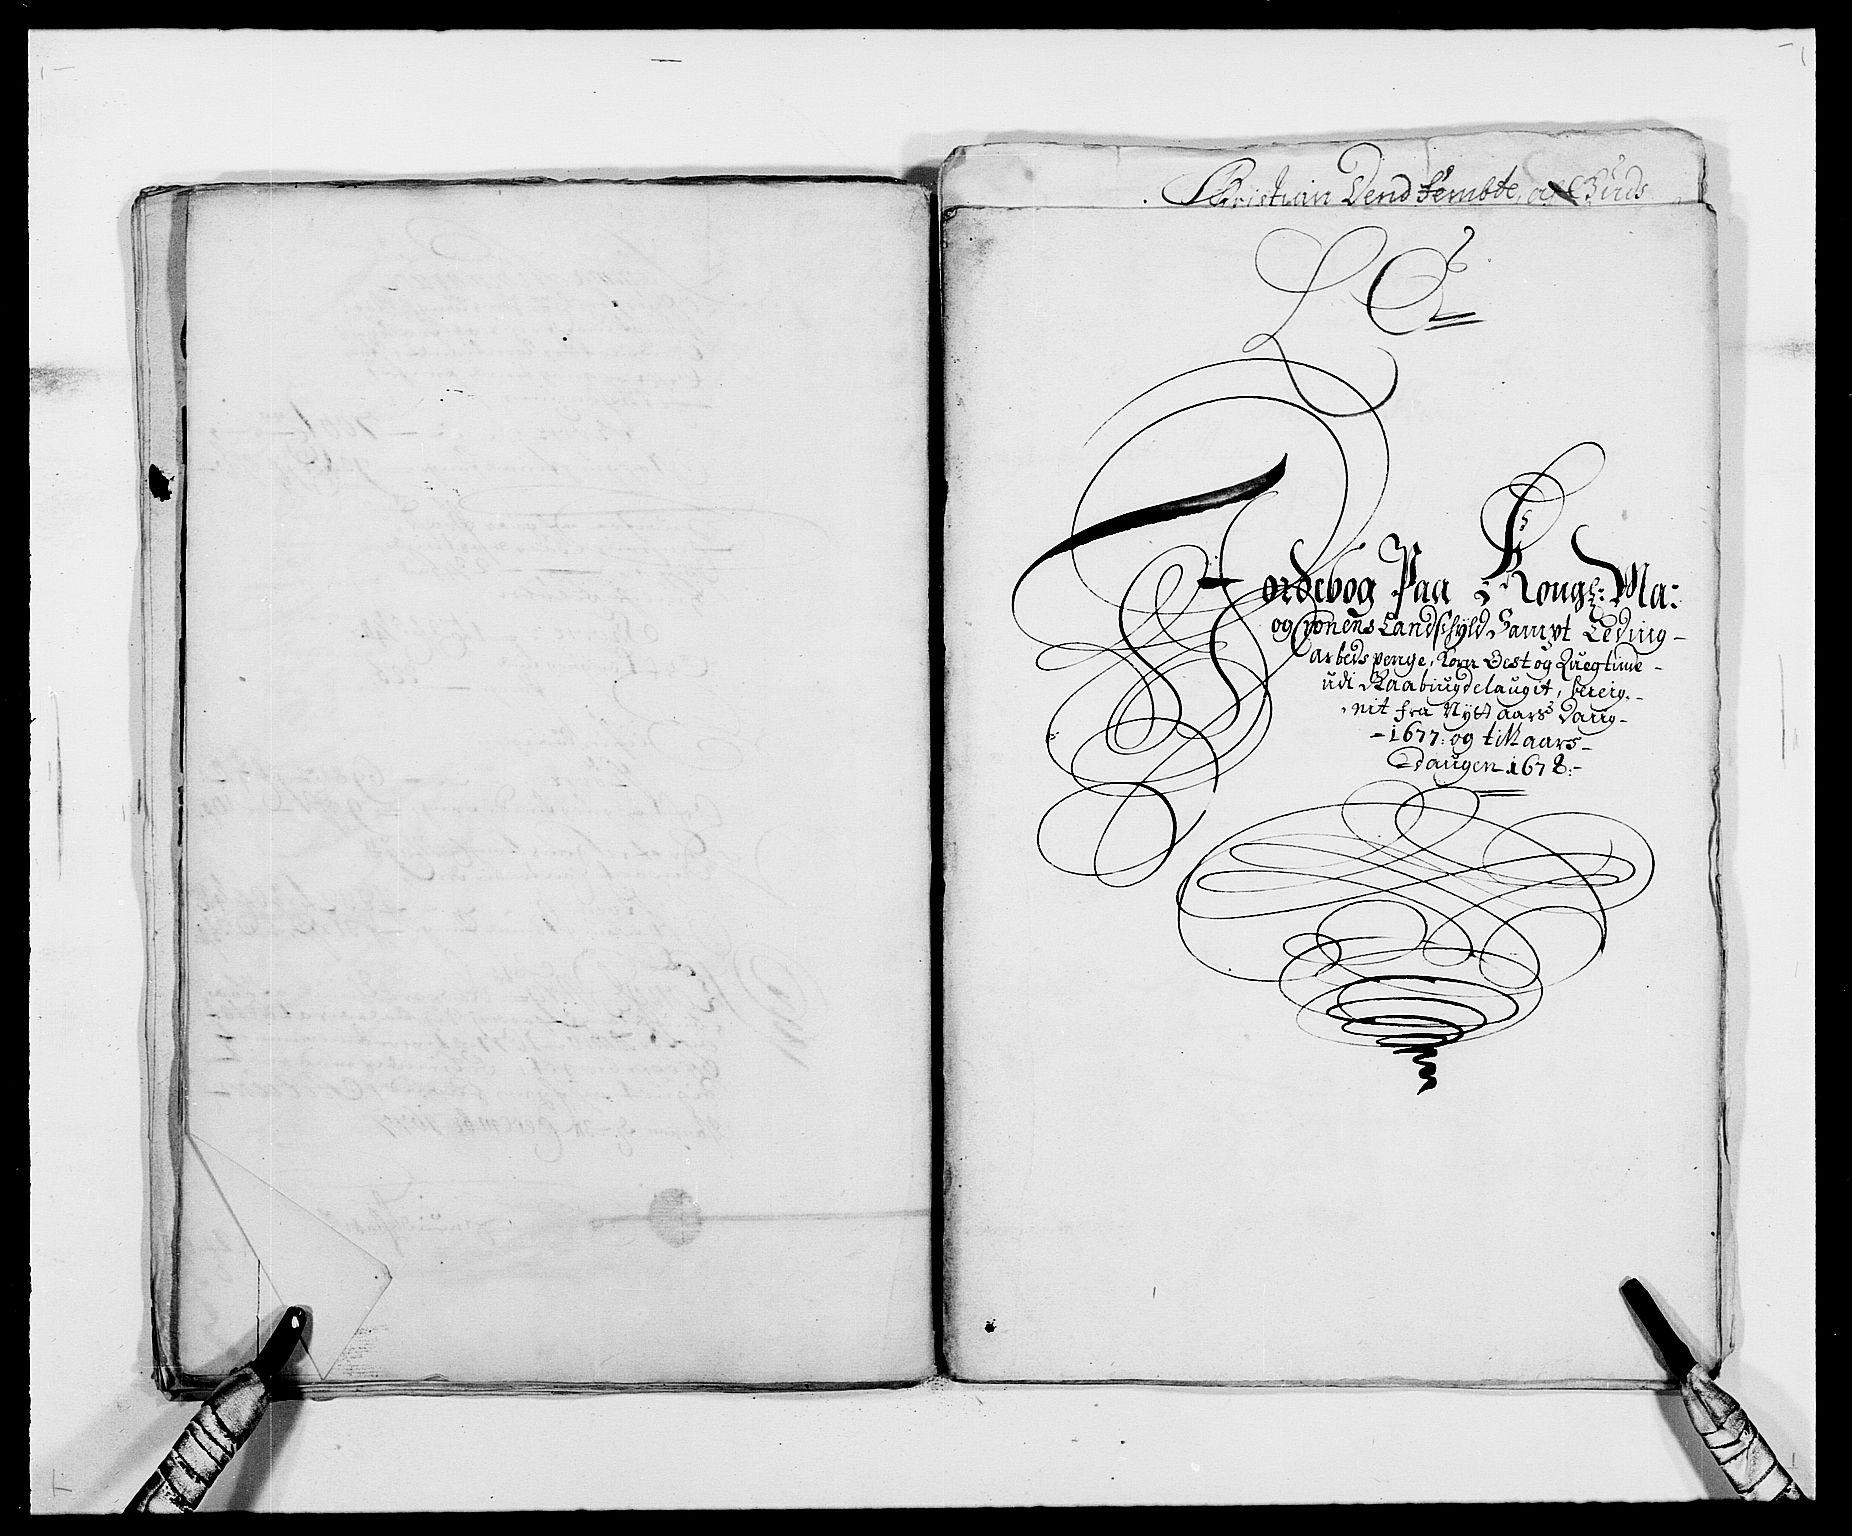 RA, Rentekammeret inntil 1814, Reviderte regnskaper, Fogderegnskap, R40/L2435: Fogderegnskap Råbyggelag, 1677-1678, s. 27